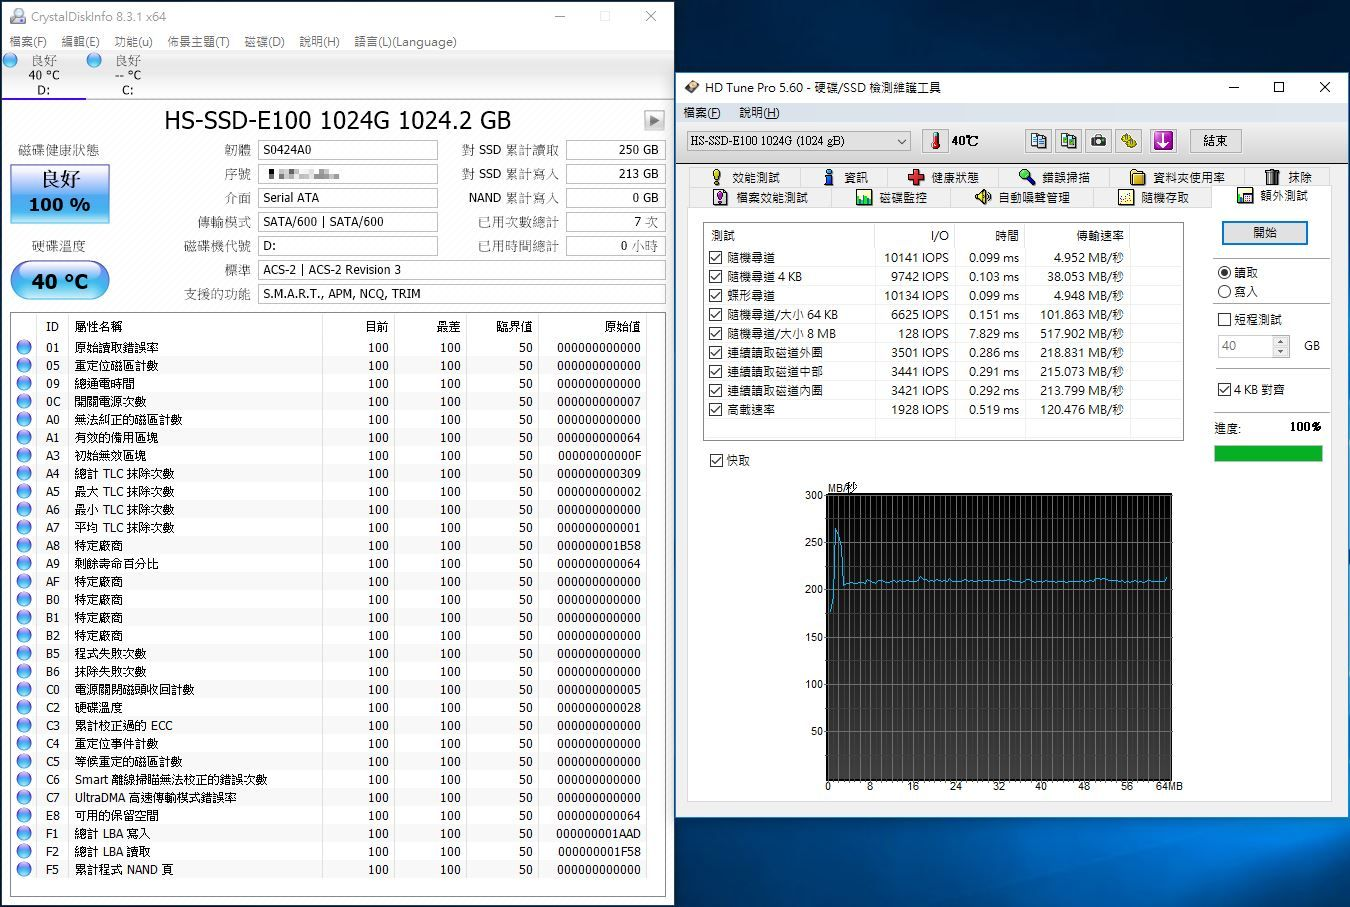 海康HIKVISION E100 1TB SSD固態硬碟-大容量時代來臨,價格親民輕鬆入主固態硬碟